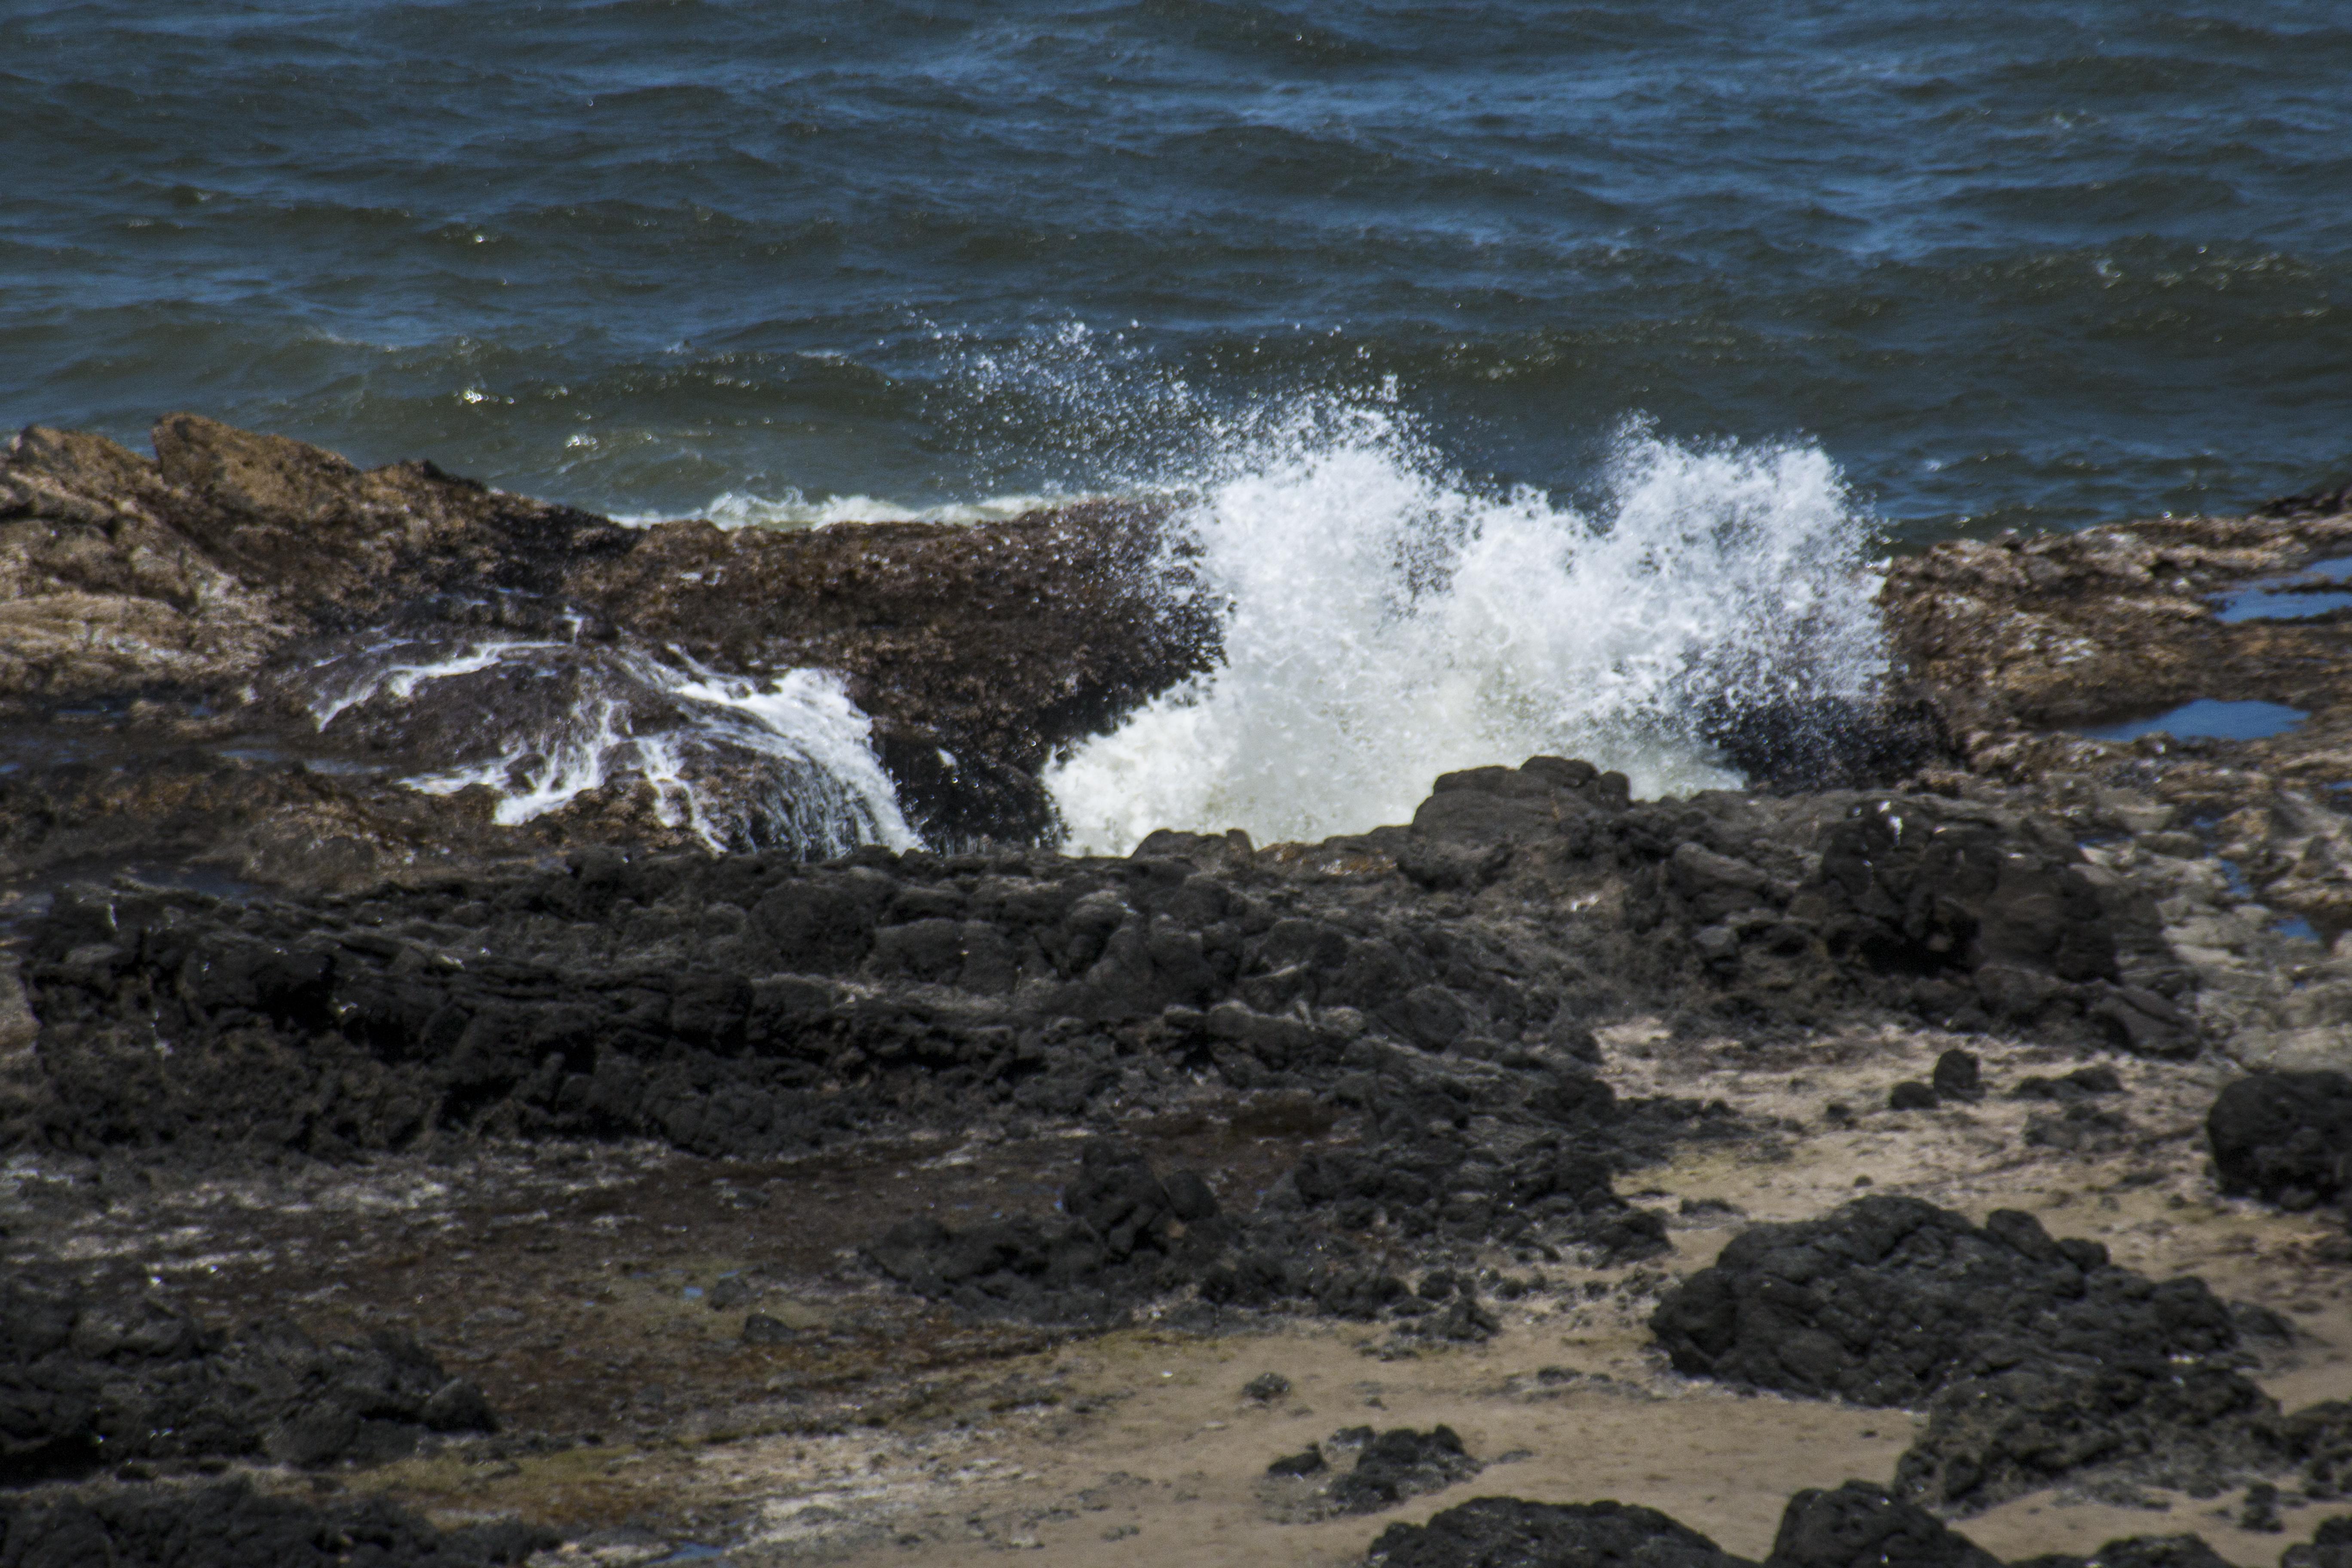 Thor's Well, Oregon, Coast, Coast, Ocean, Oregon, Sea, HQ Photo